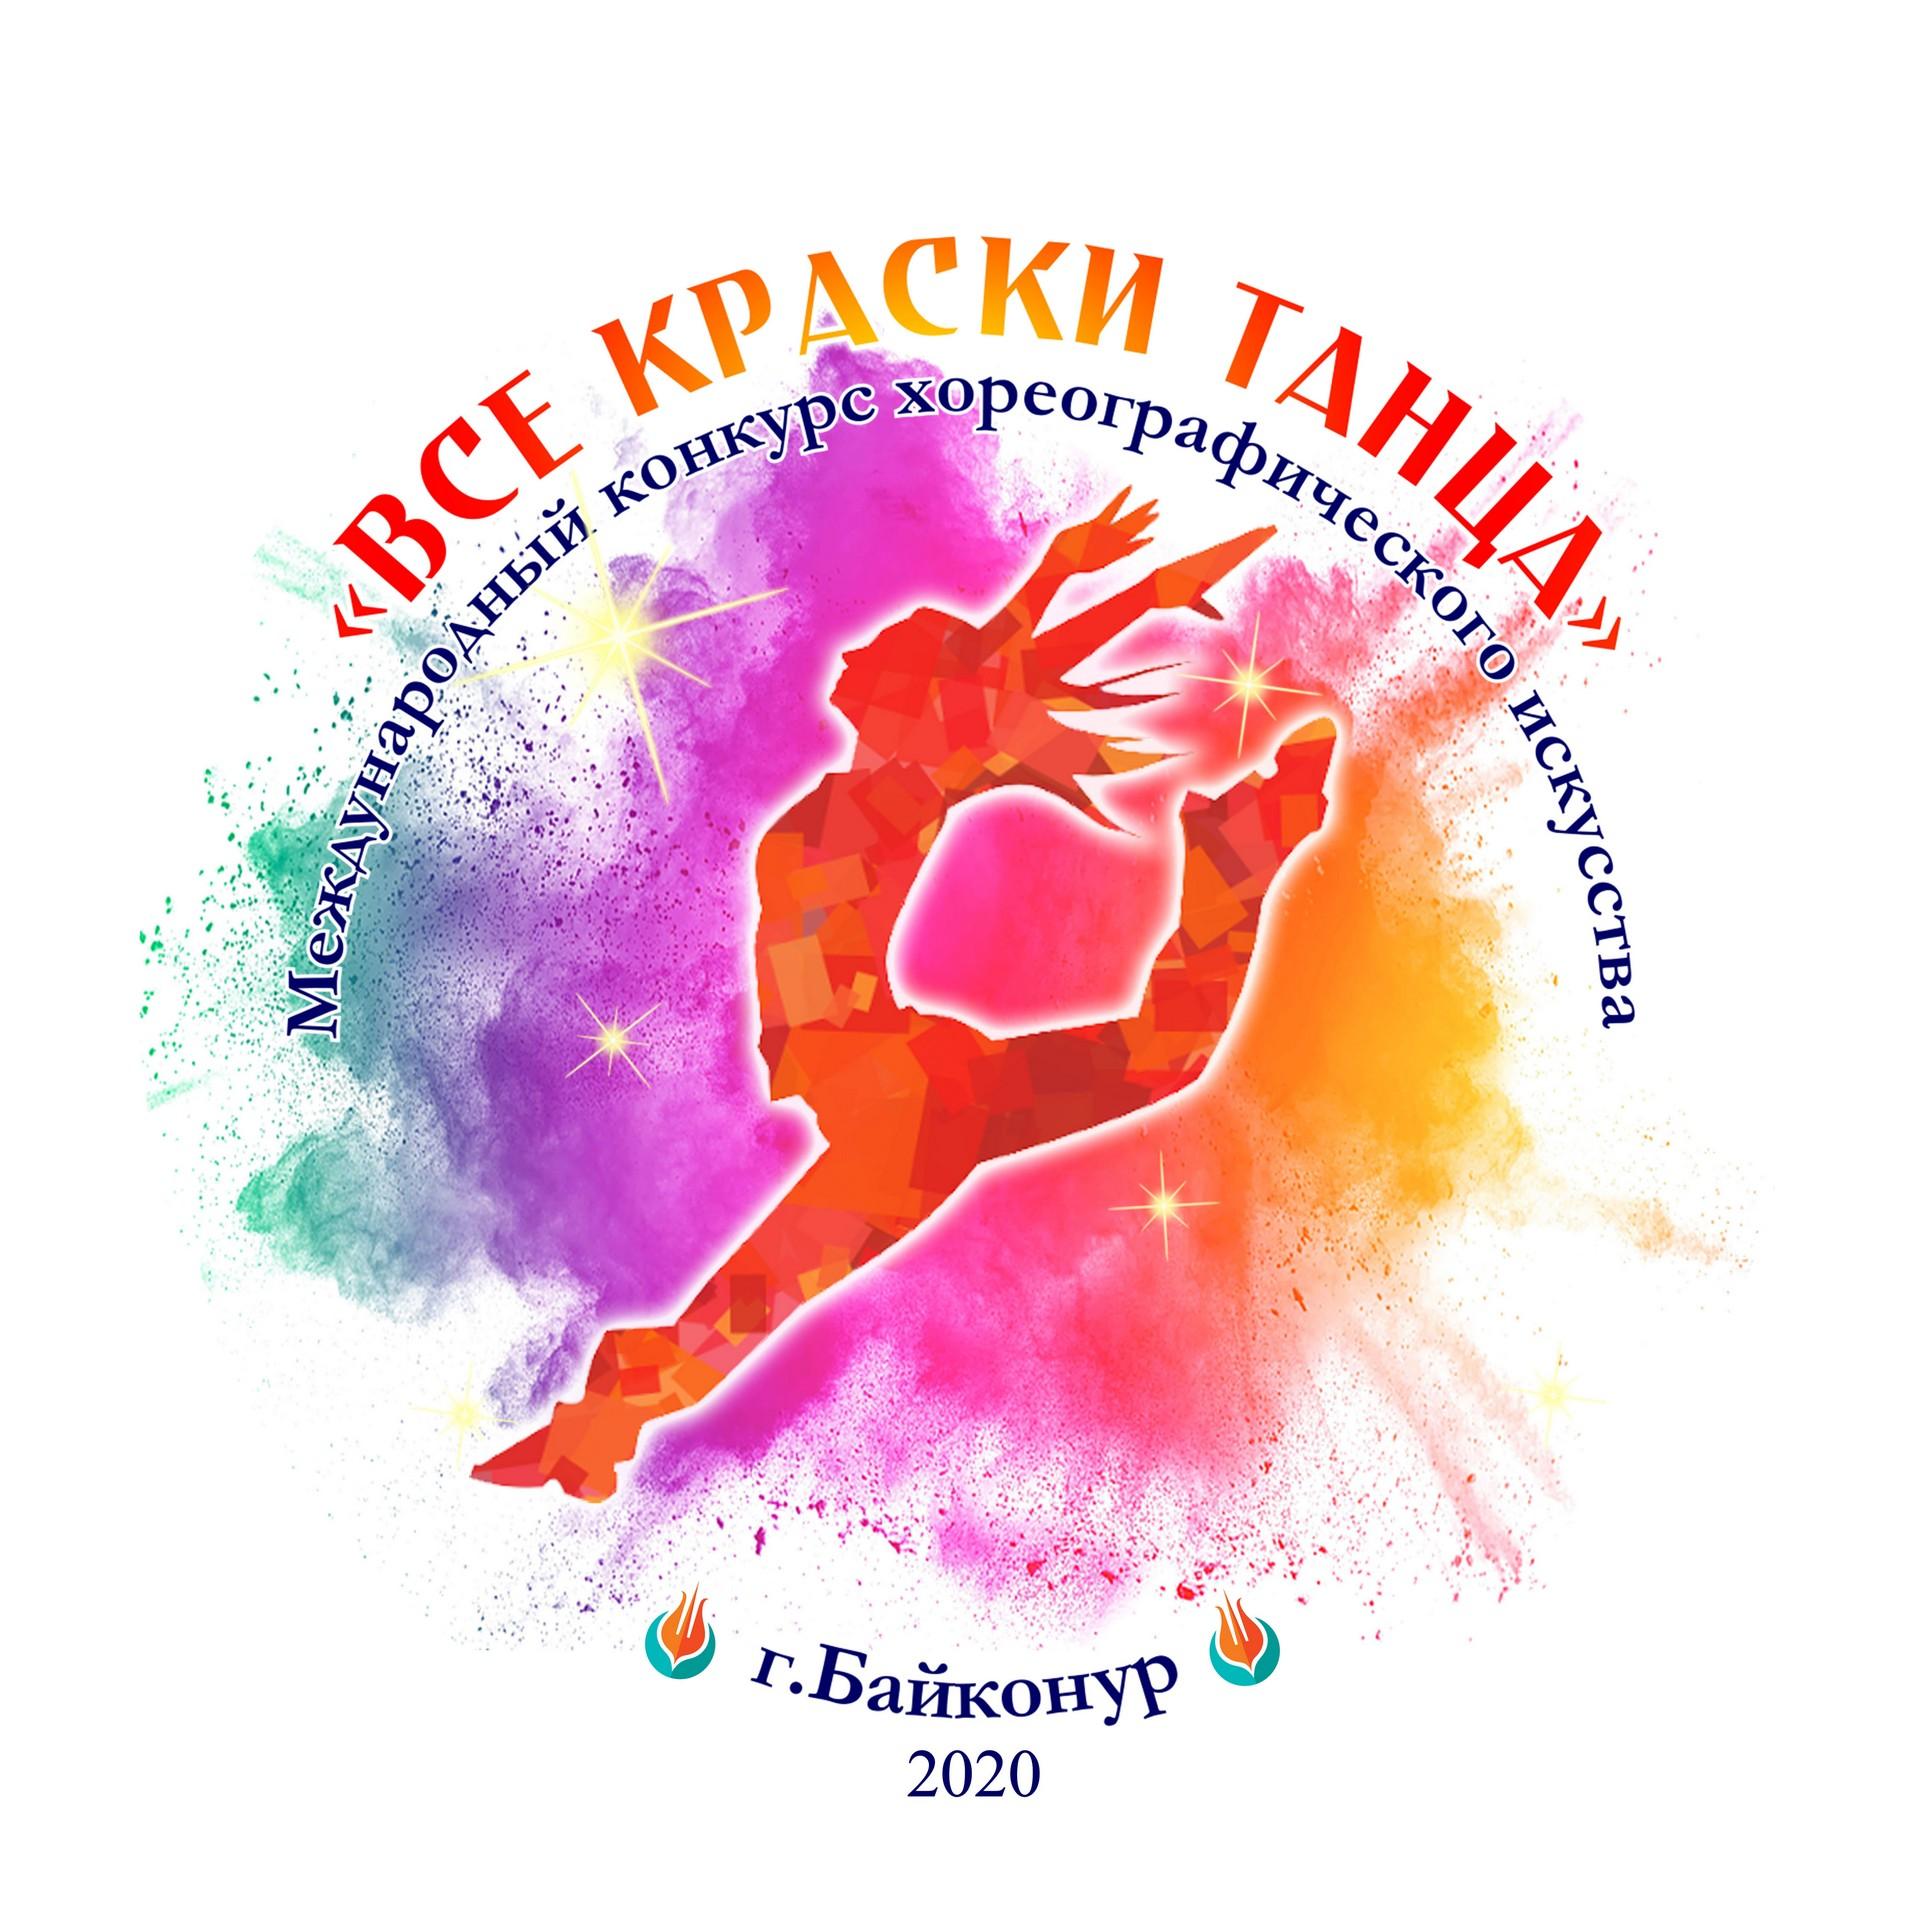 В октябре пройдет Международный конкурс хореографического искусства «Все краски танца»